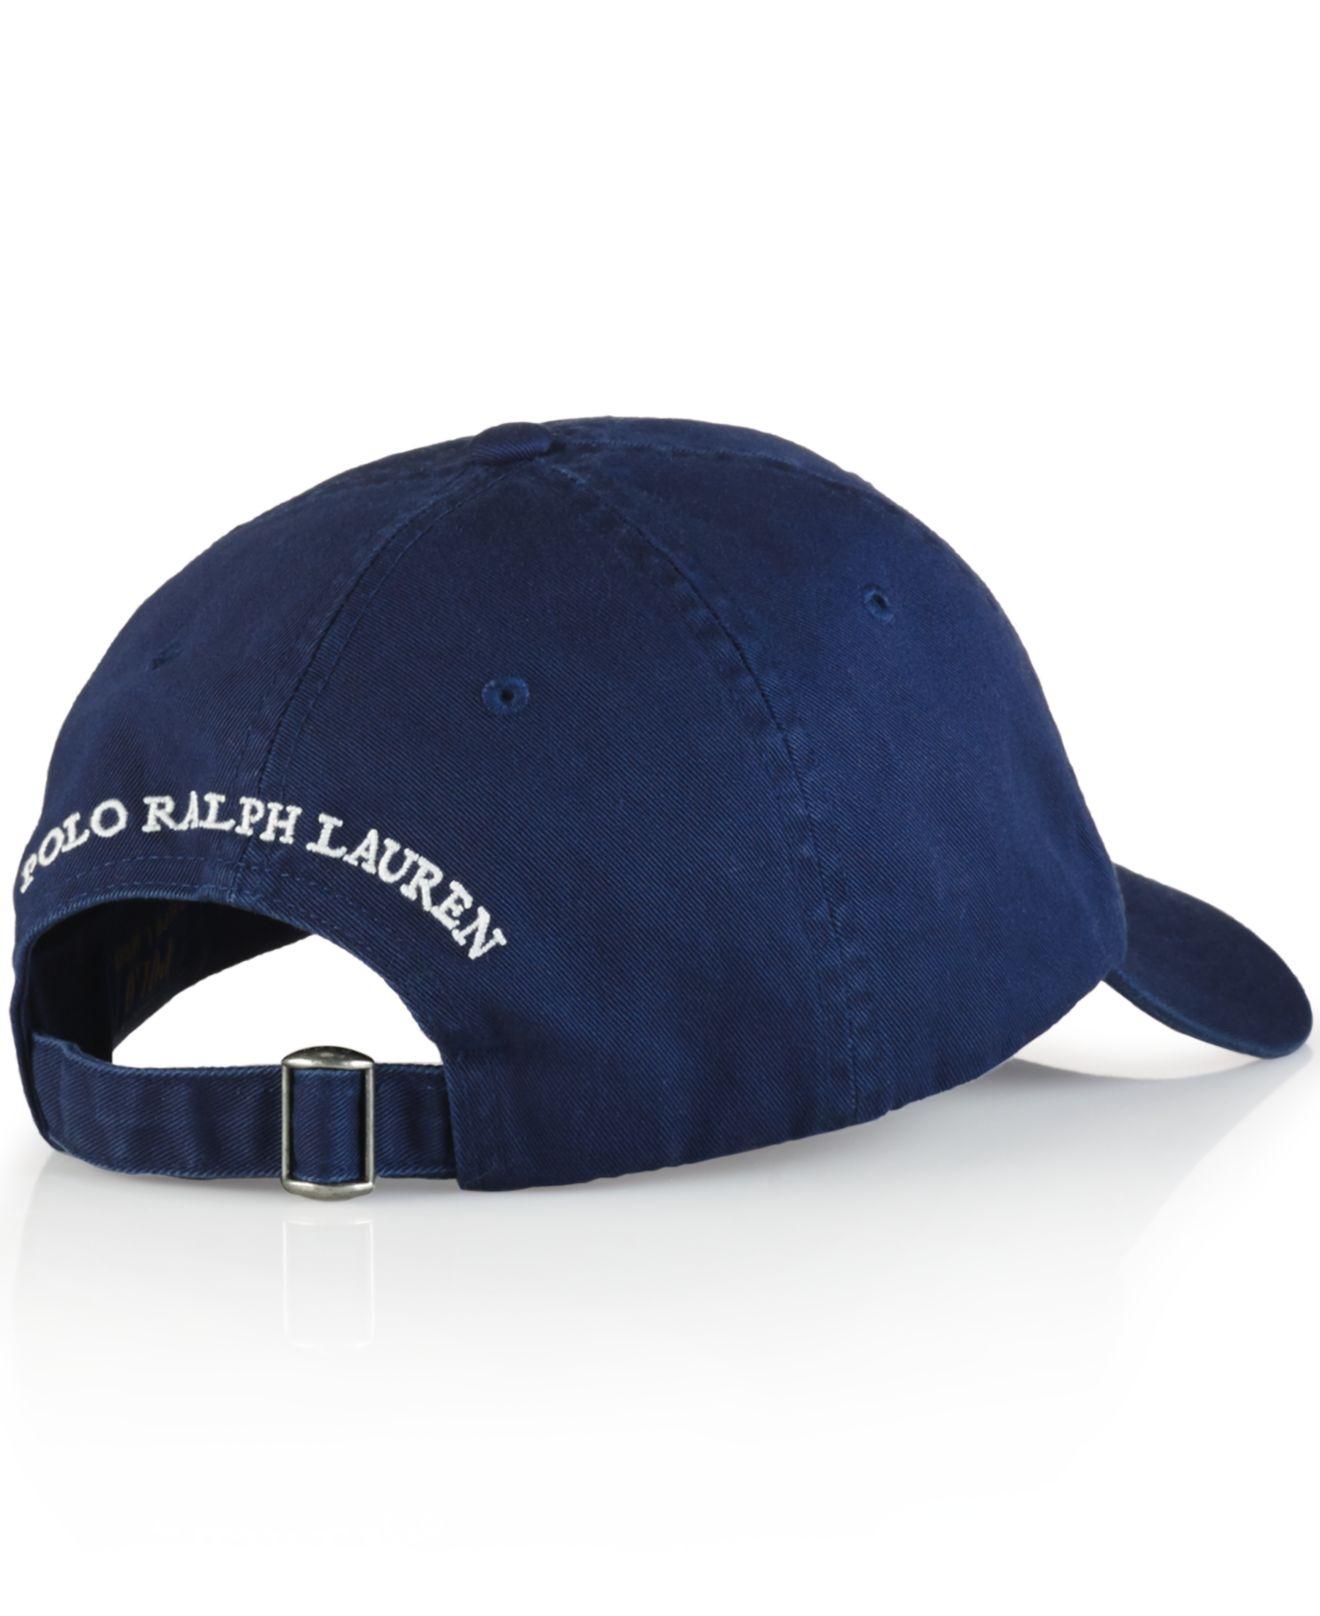 Lyst - Polo Ralph Lauren Polo Bear Chino Baseball Cap - Preppy Polo ... 58463818d90